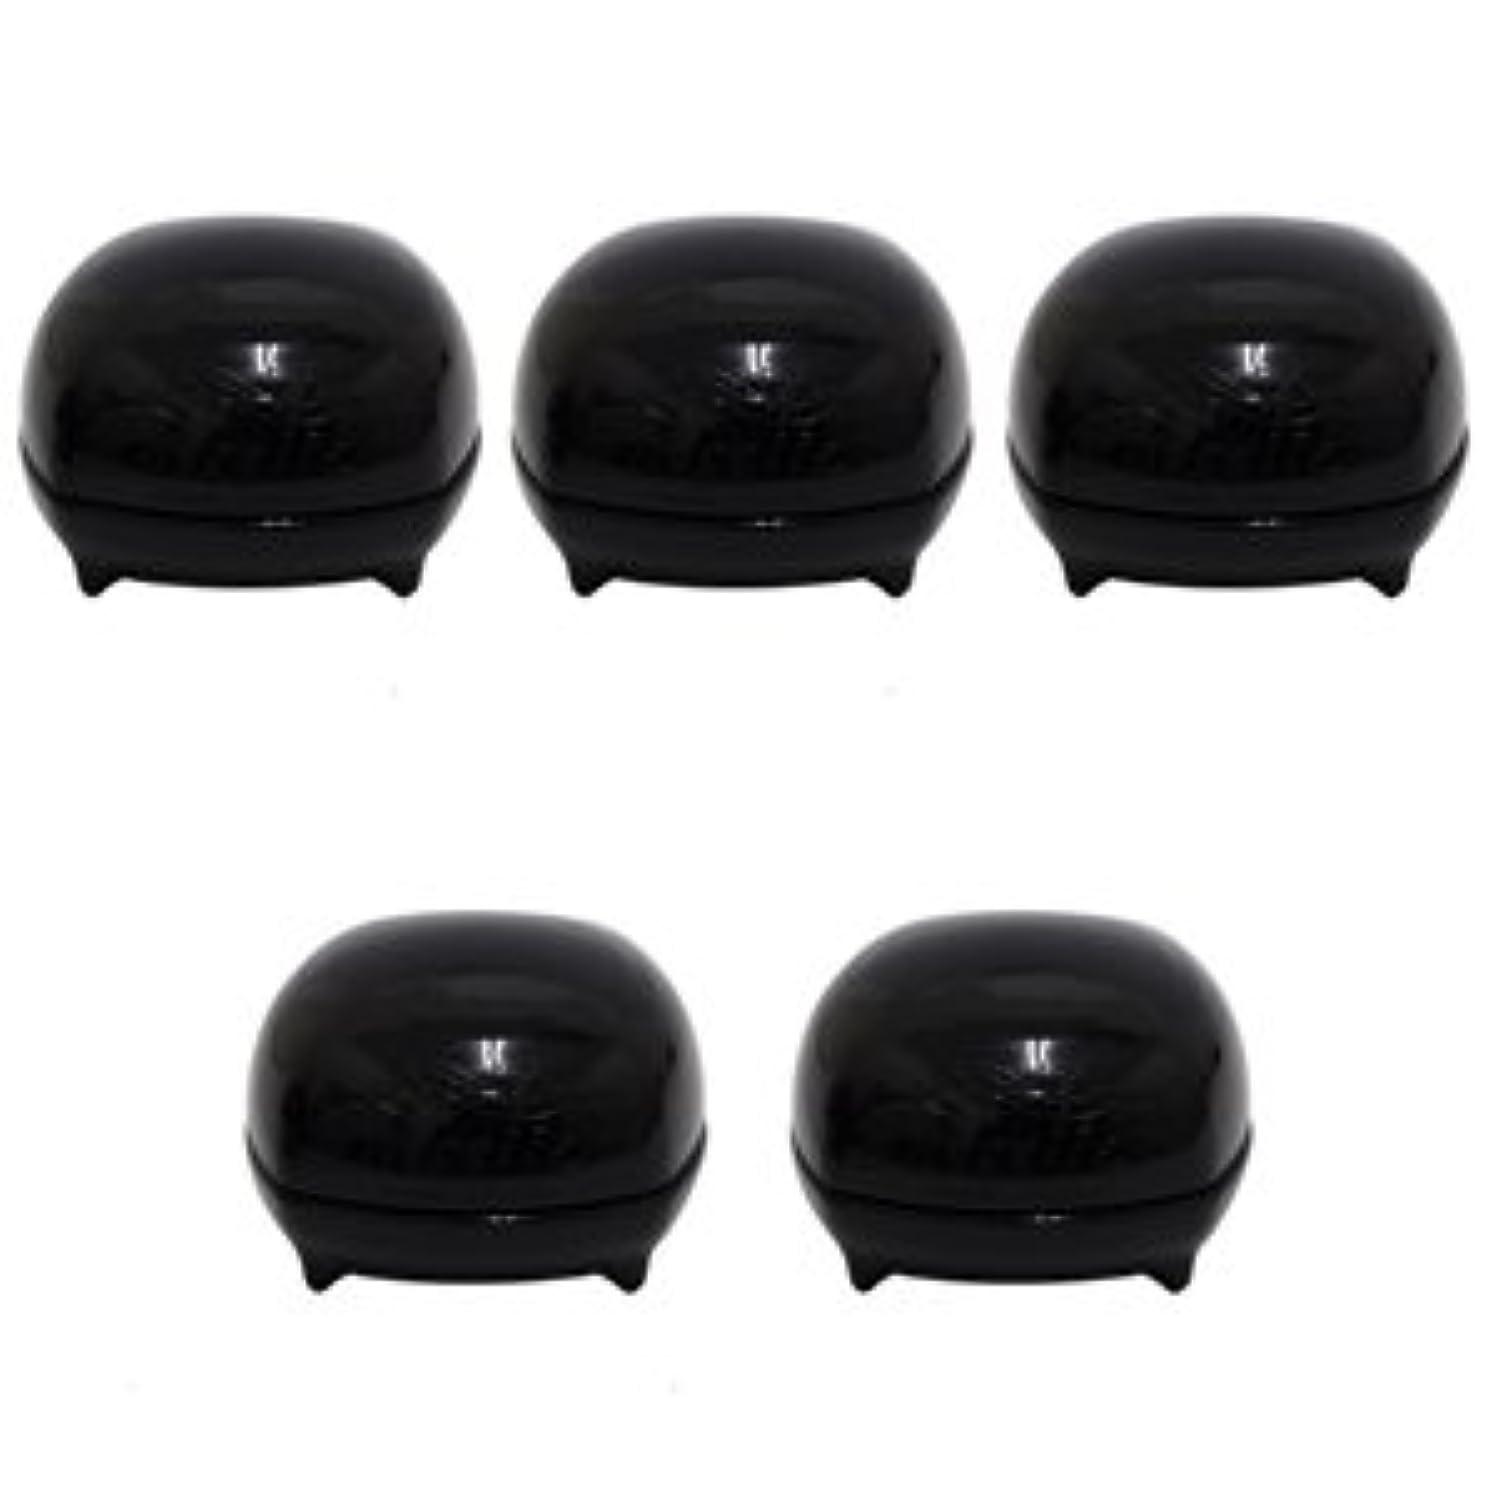 激怒財布当社【X5個セット】 ミルボン ニゼル グラスプワックス 30g (ニゼルドレシアコレクション) GRASP WAX MILBON